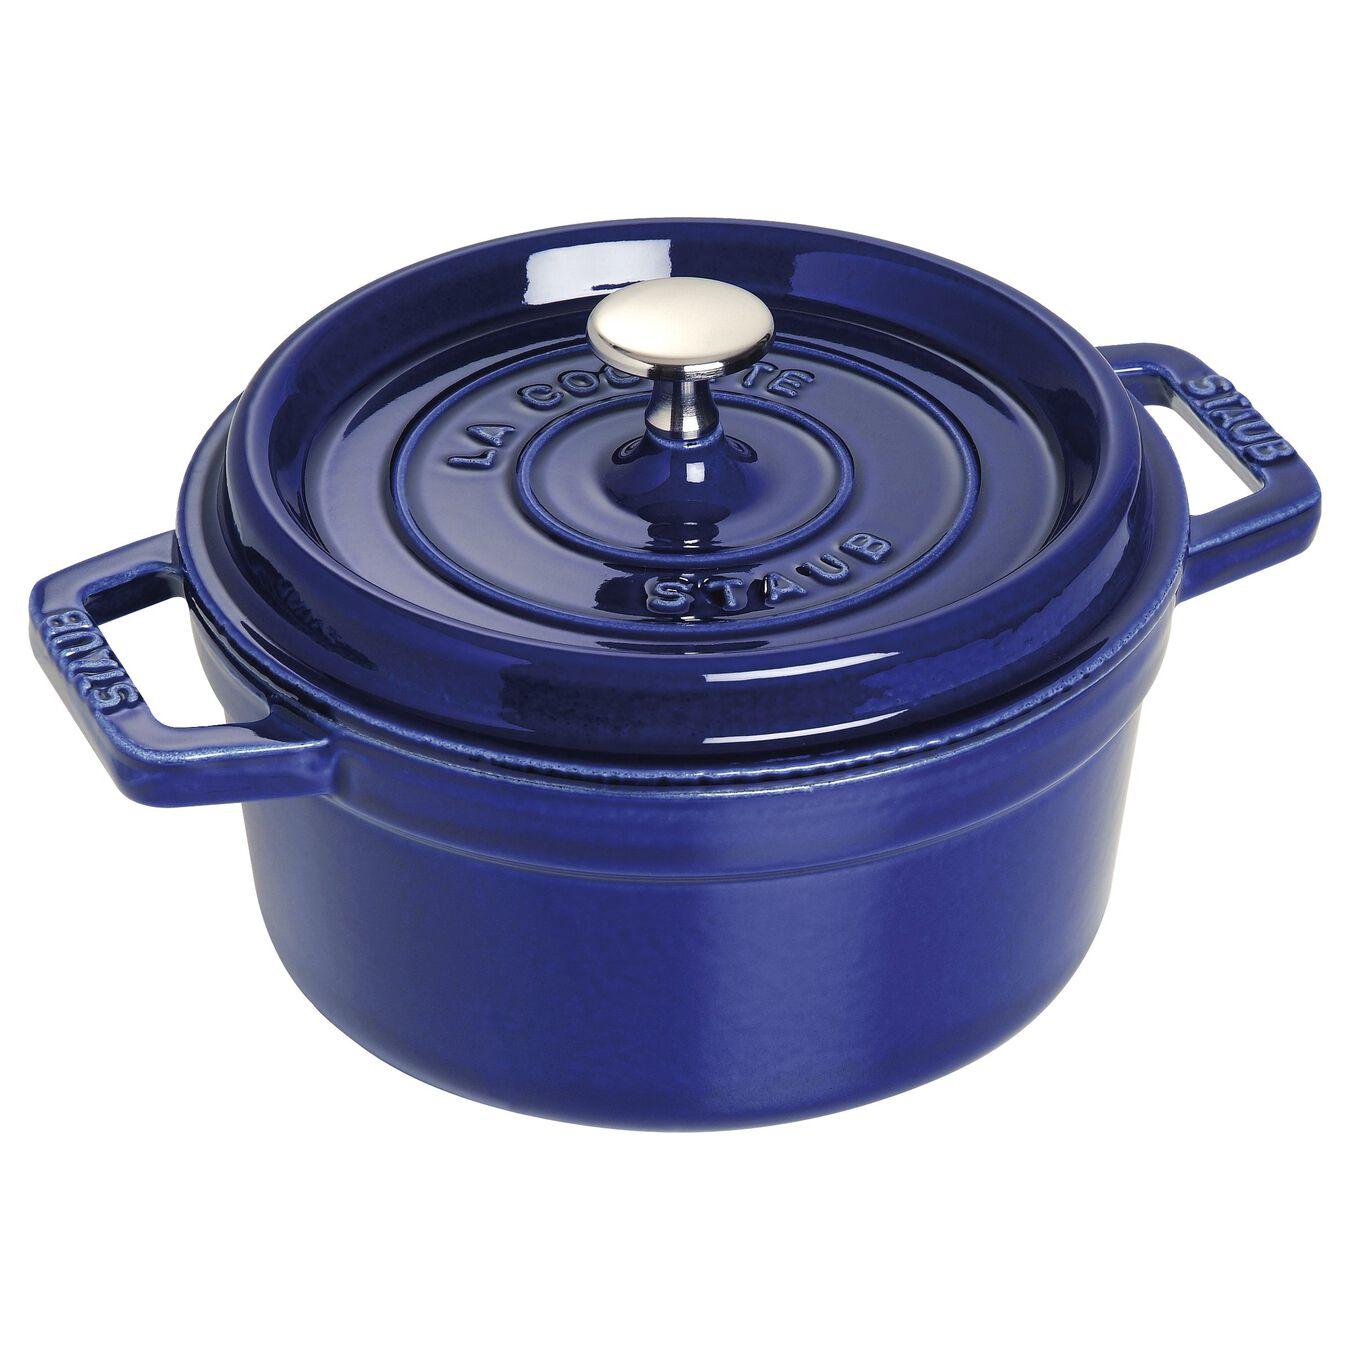 Cocotte 20 cm, Rond(e), Bleu intense, Fonte,,large 1